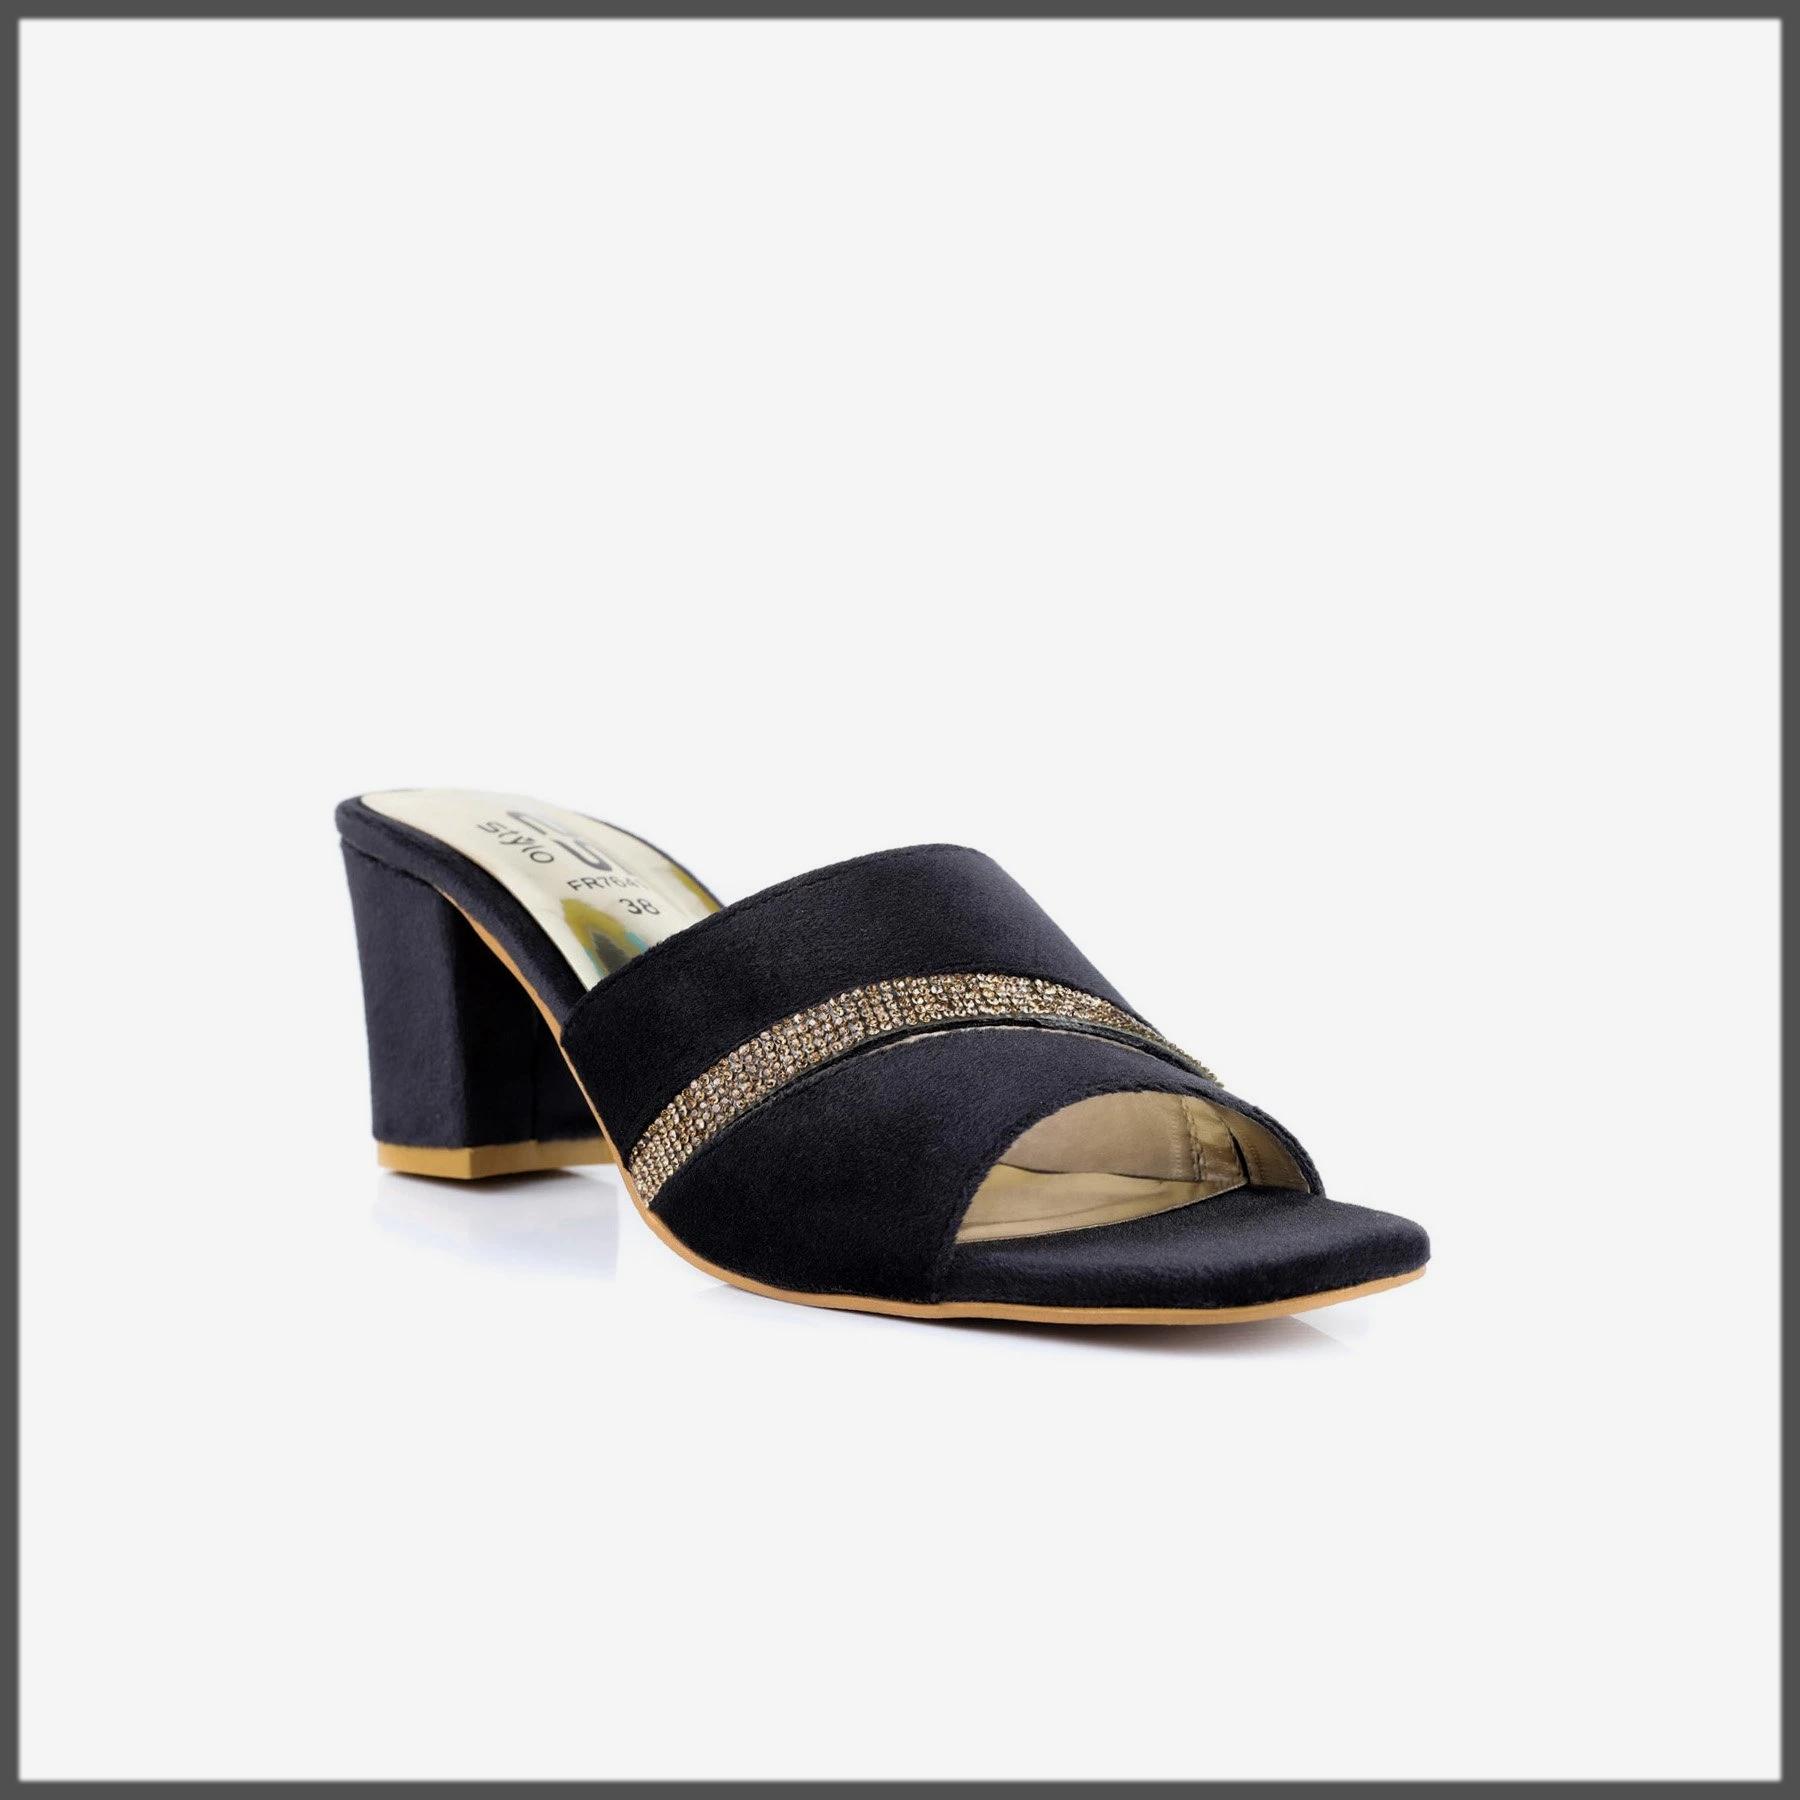 dazzling black summer formal shoes